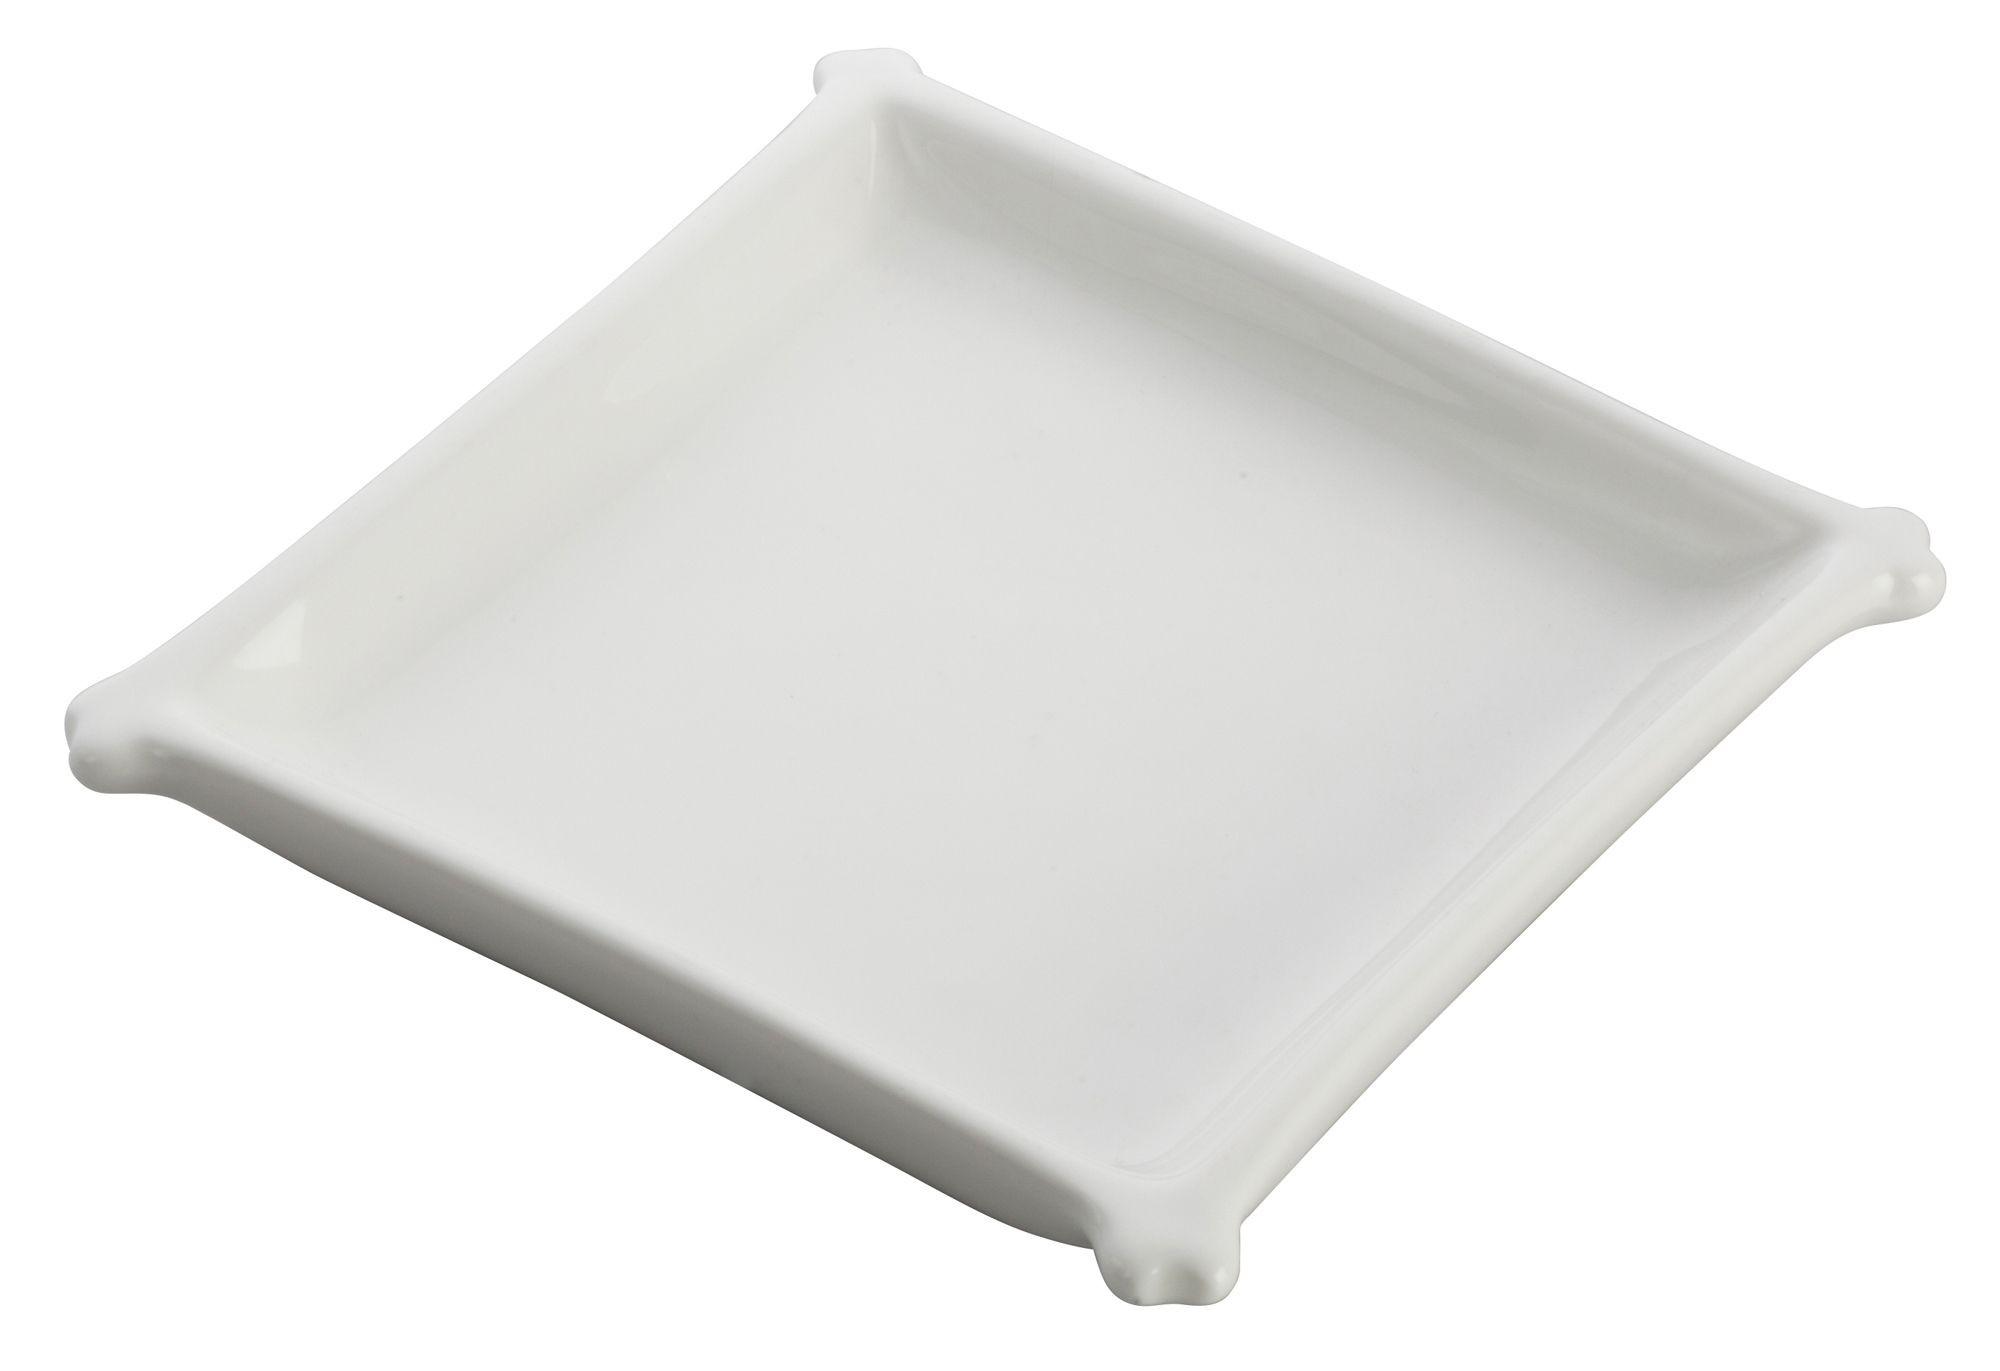 """Winco WDP018-101 Edessa Porcelain Bright White Square Dish 4-1/4"""""""